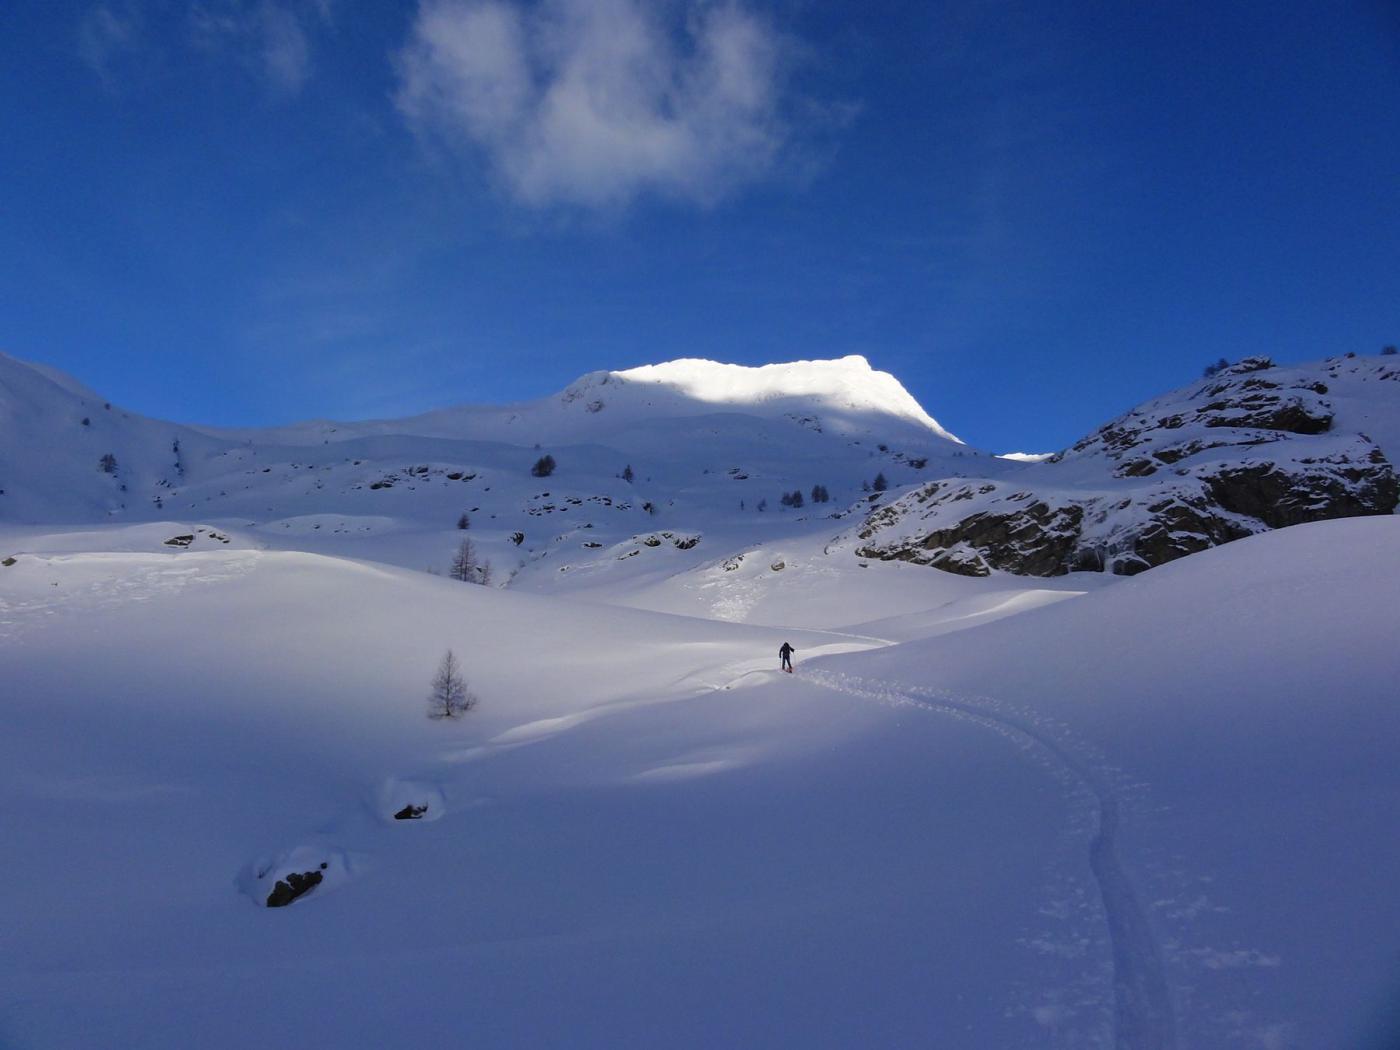 finalmente un paesaggio invernale